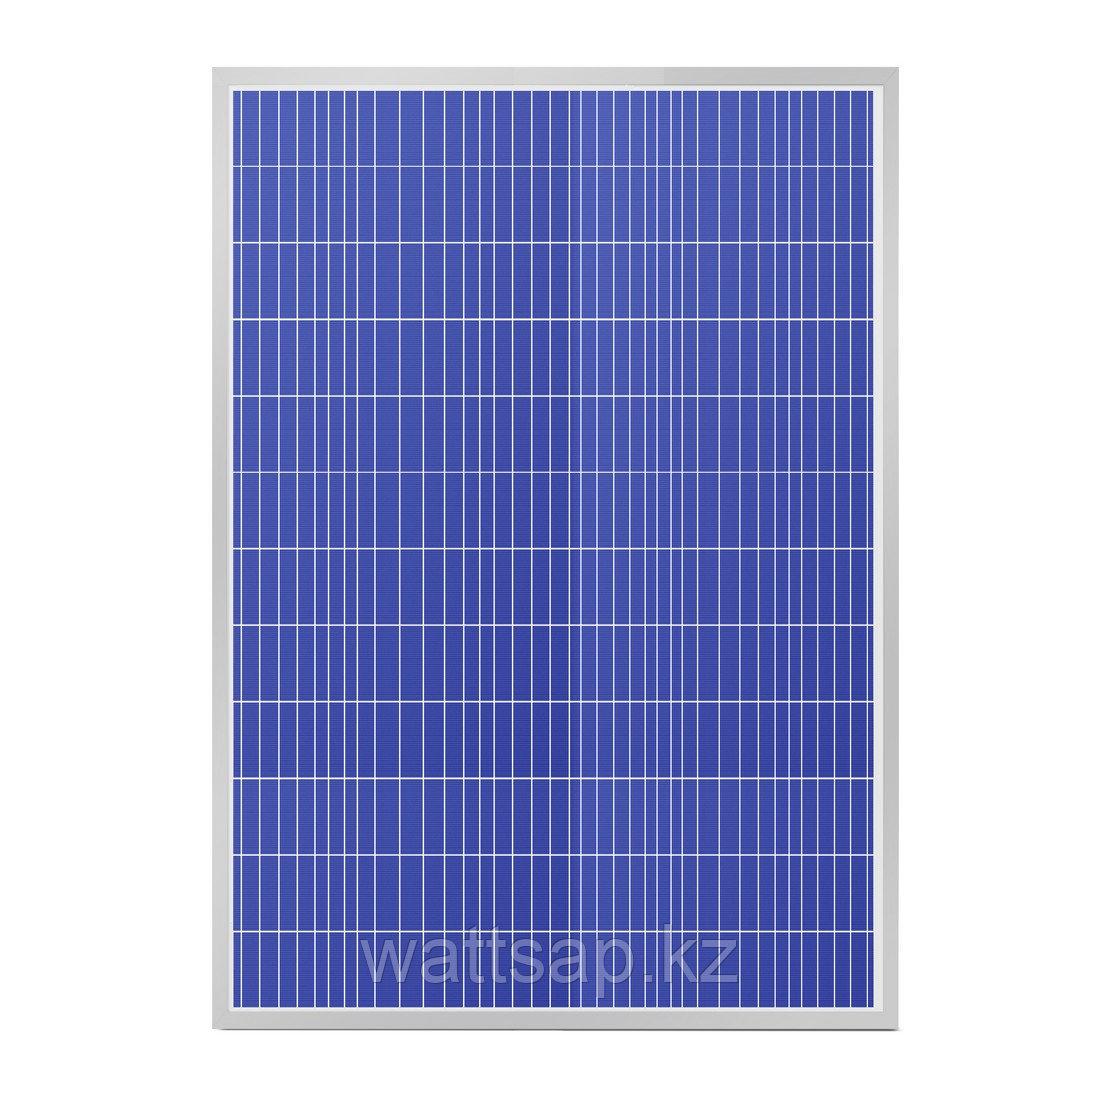 Солнечная панель, SVC, P-200, Мощность: 200Вт, Напряжение: 24В, Тип: поликристалическая, Класс: 1 класс, Рабочая температура: -40С+85С, Защита: IP65